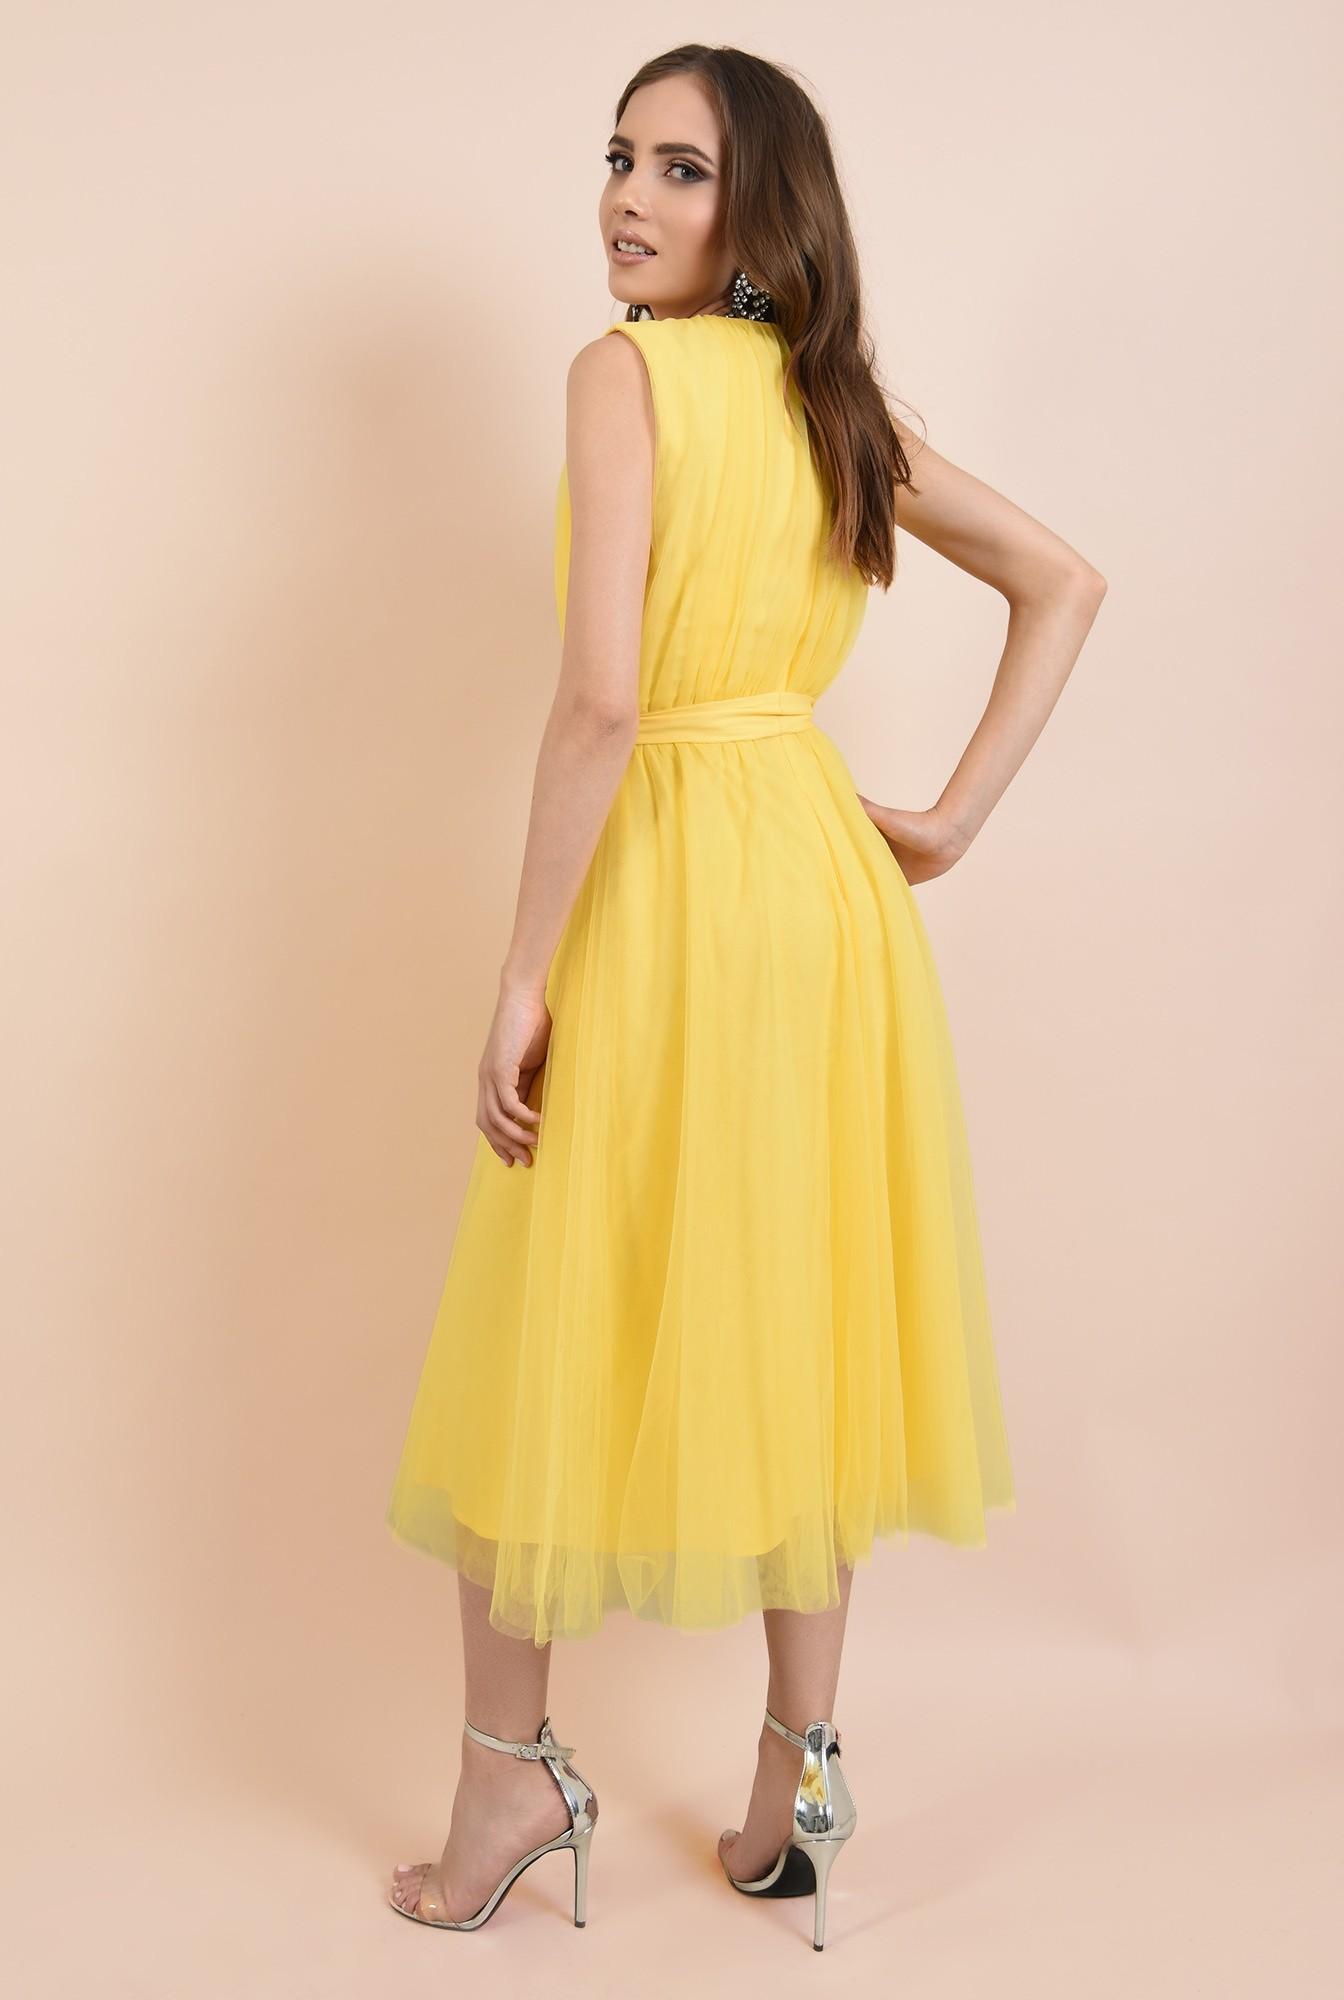 1 - rochie de seara, din tul galben, funda la talie, Poema, croi clos